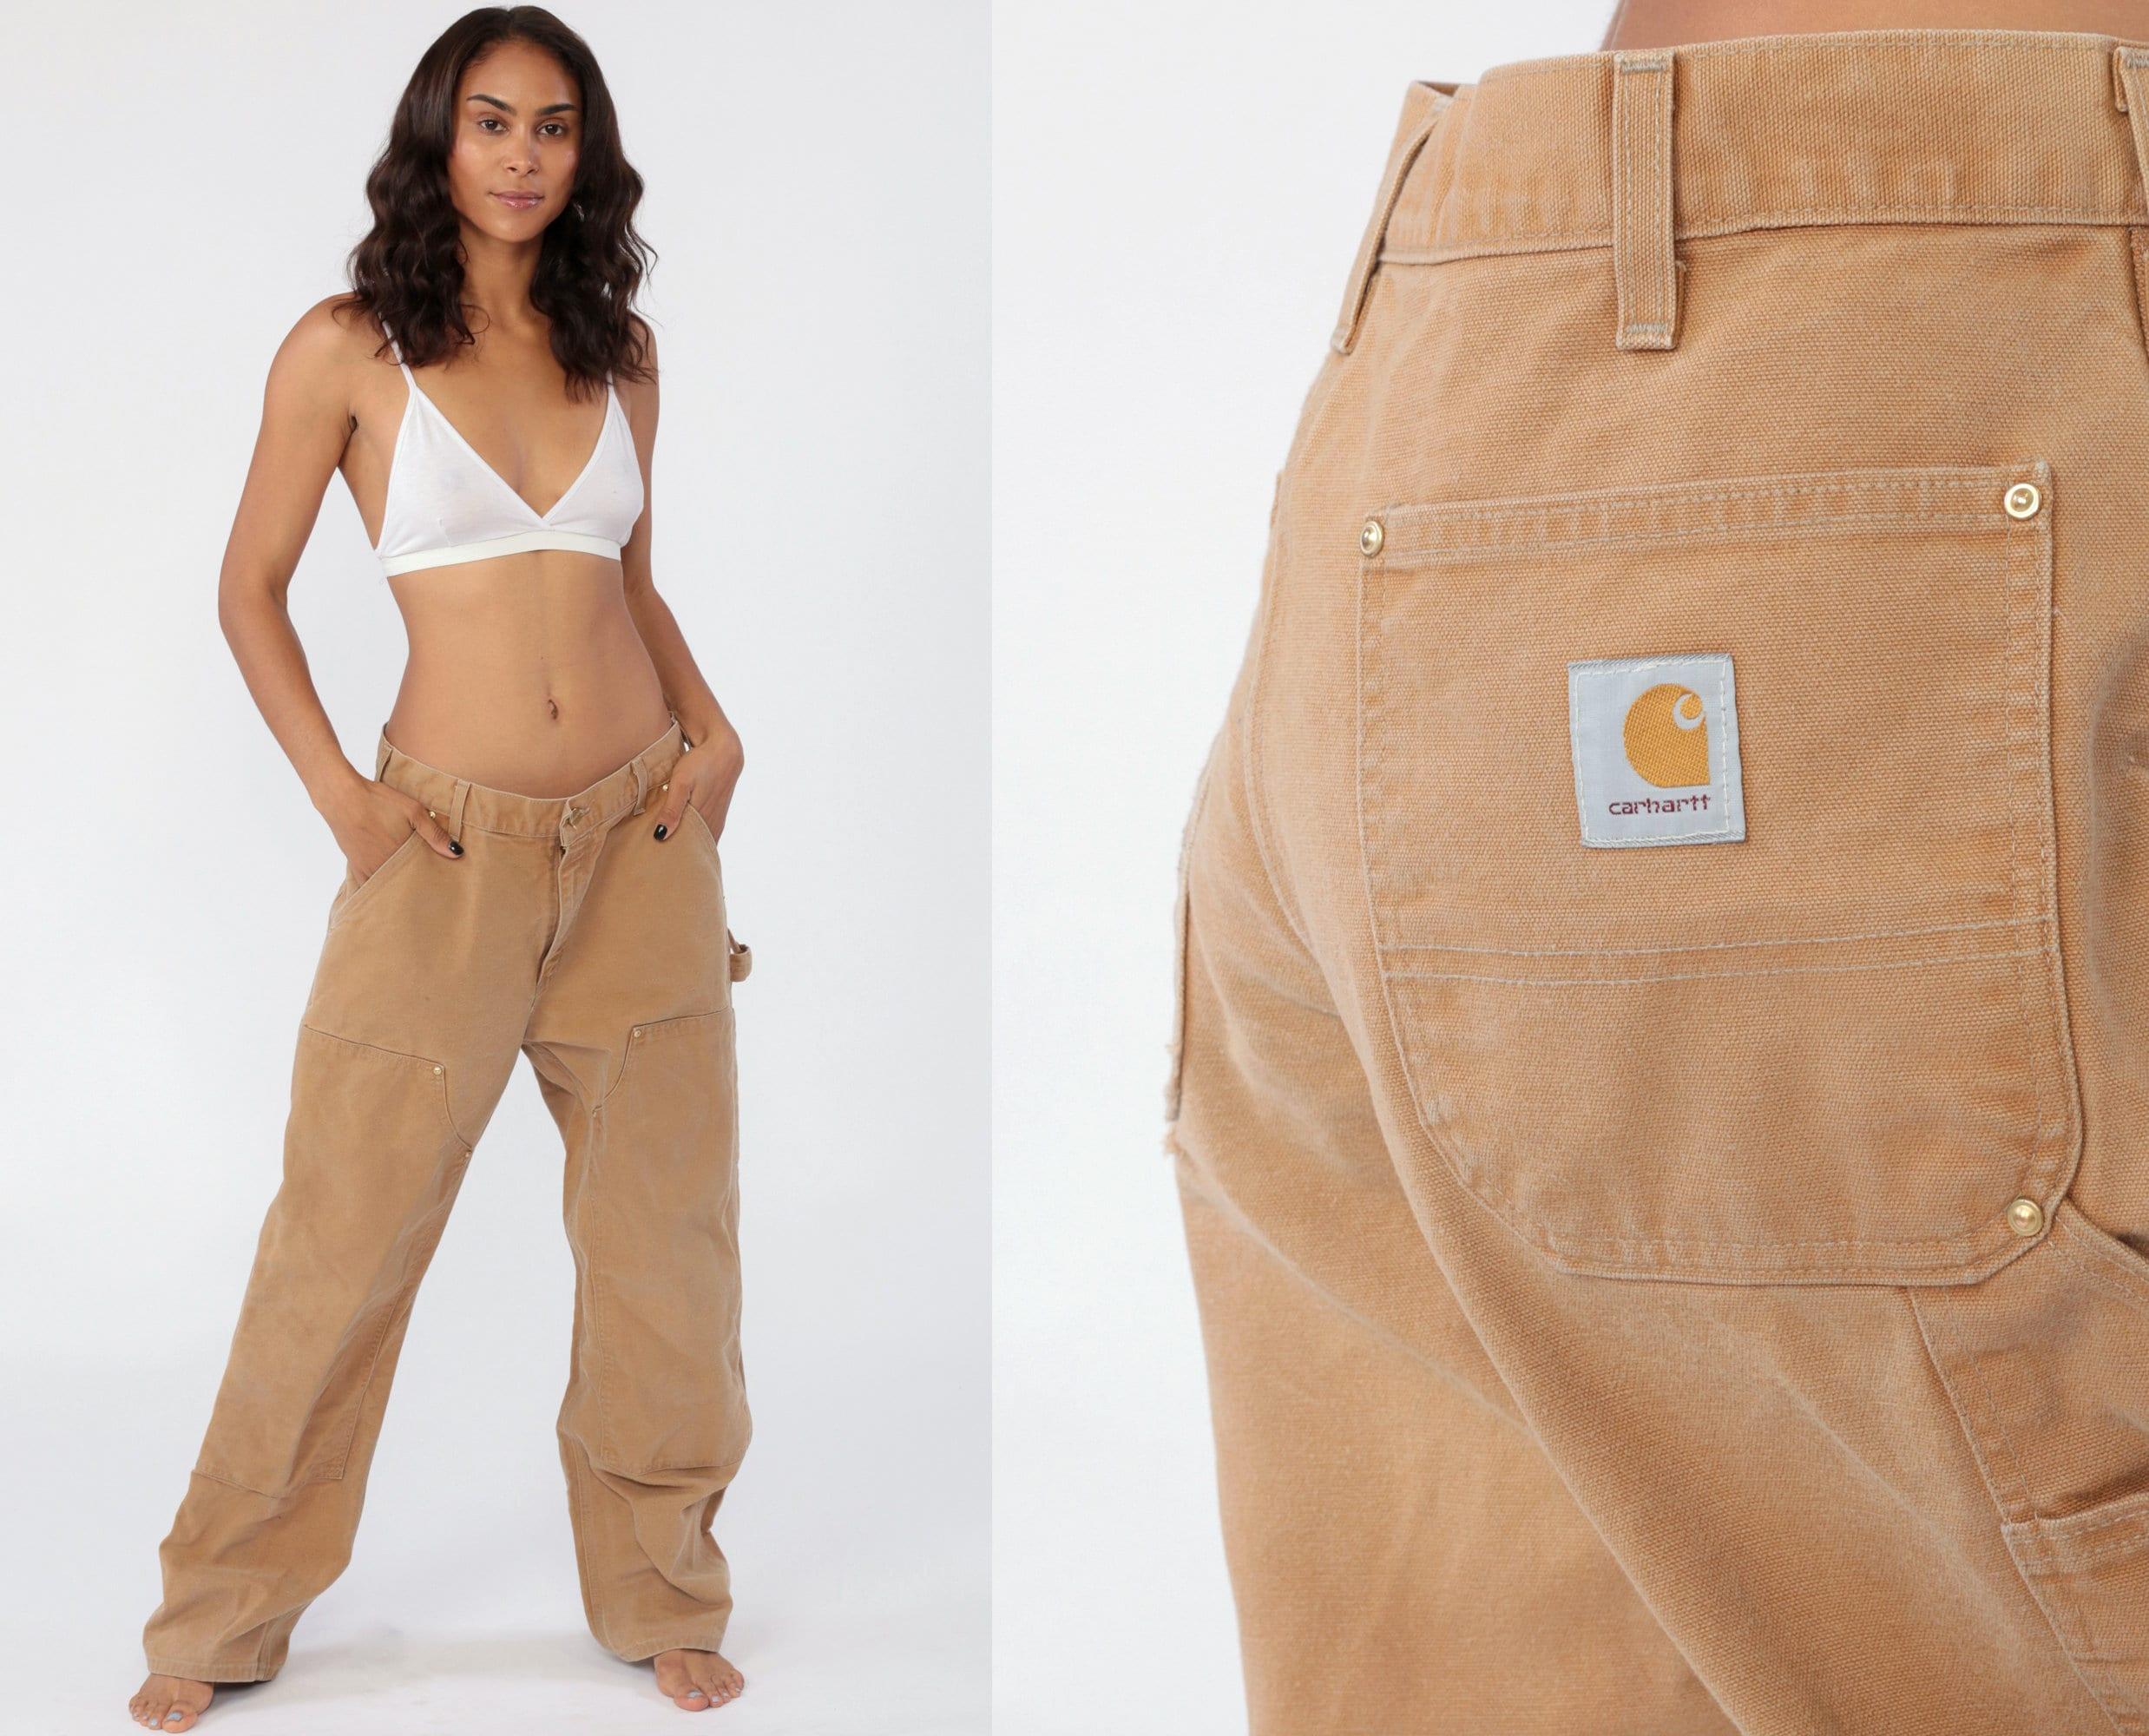 Carhartt Pants Women/'s 25 Workwear Wide Leg Boyfriend Low Rise Work Pants Baggy Cargo Straight Leg Vintage 1990s Streetwear Extra Small xs 2